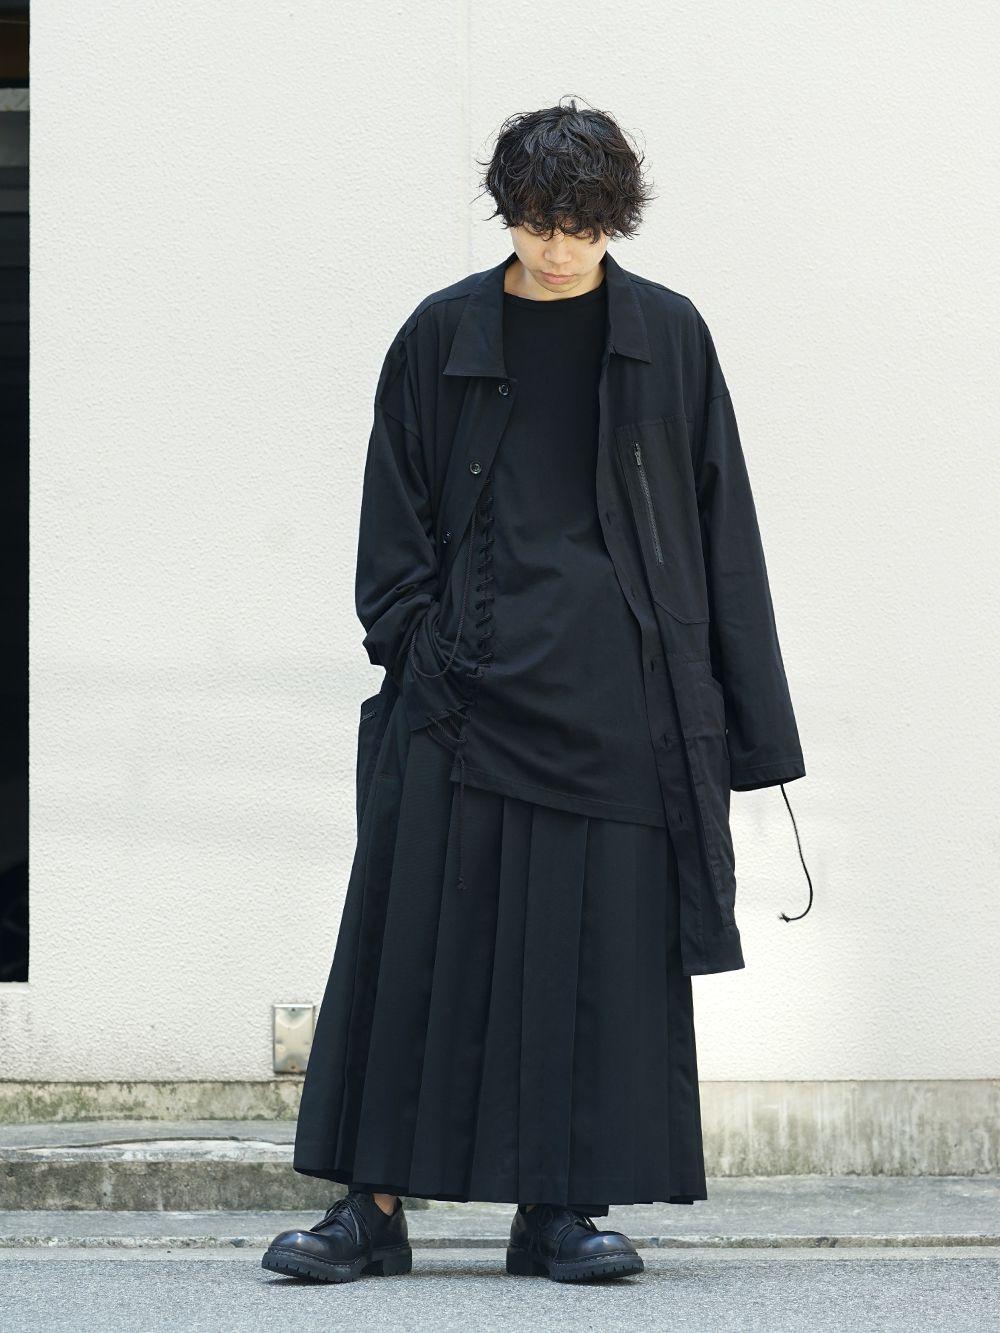 Yohji Yamamoto x B YY All Black Style - 1-001